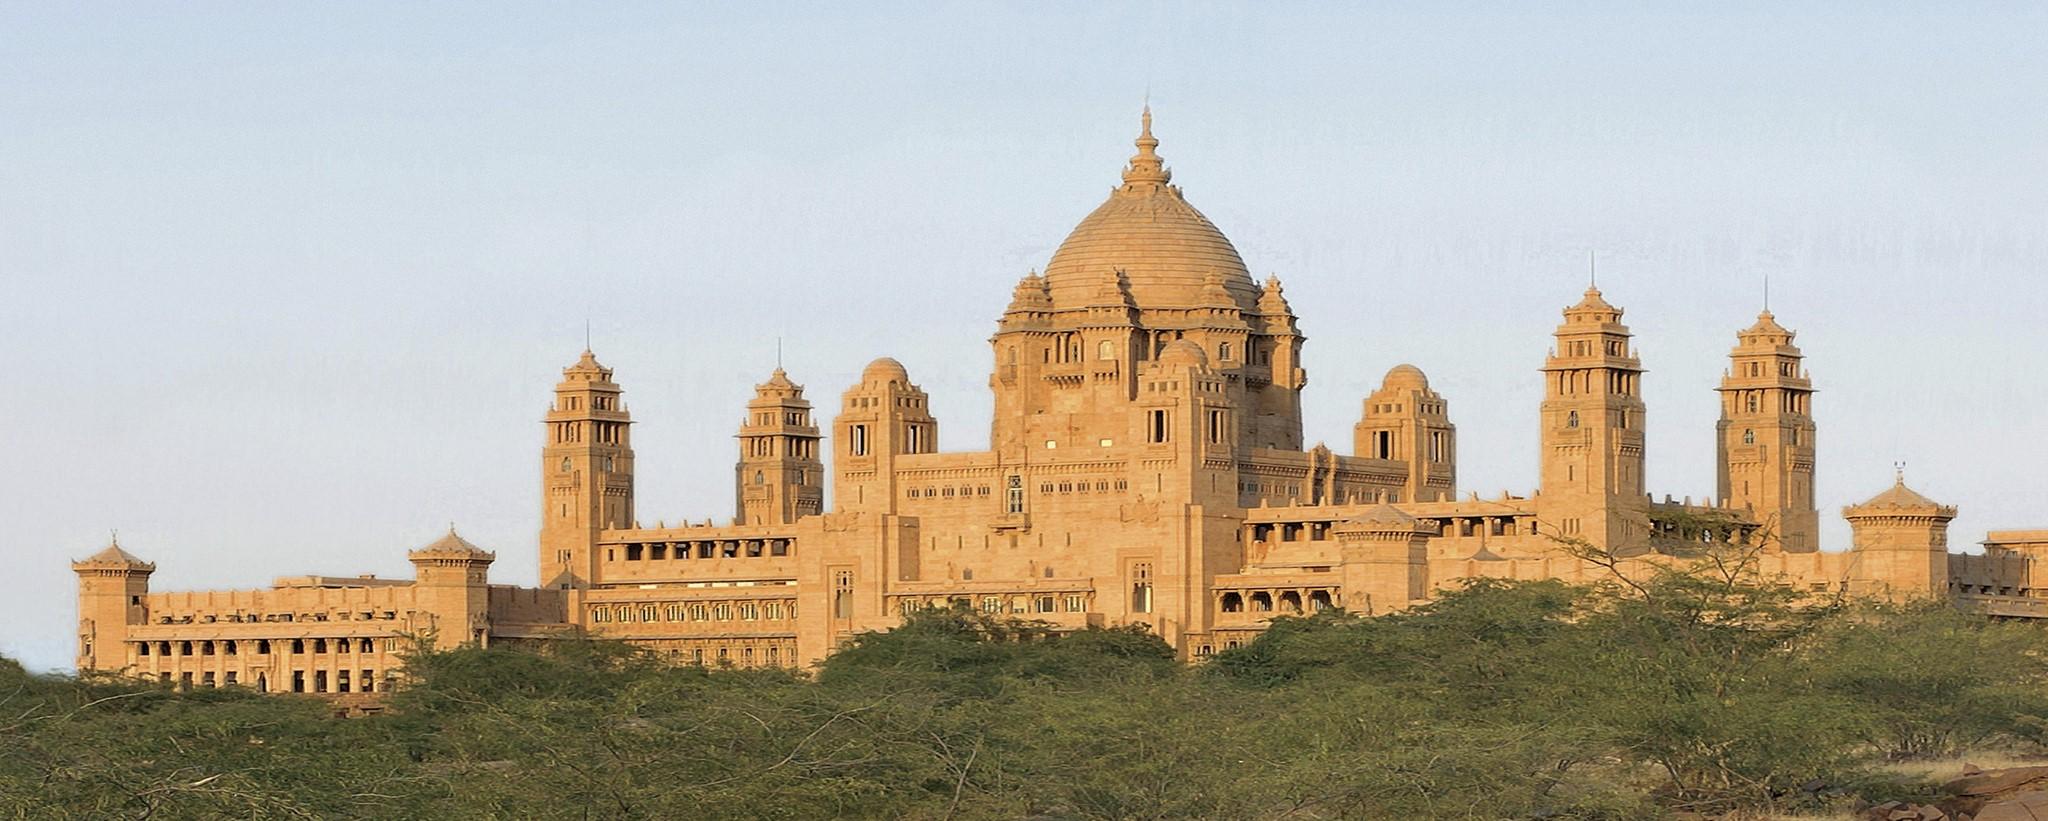 Umaid Bhawan Palace Exterior - Crop